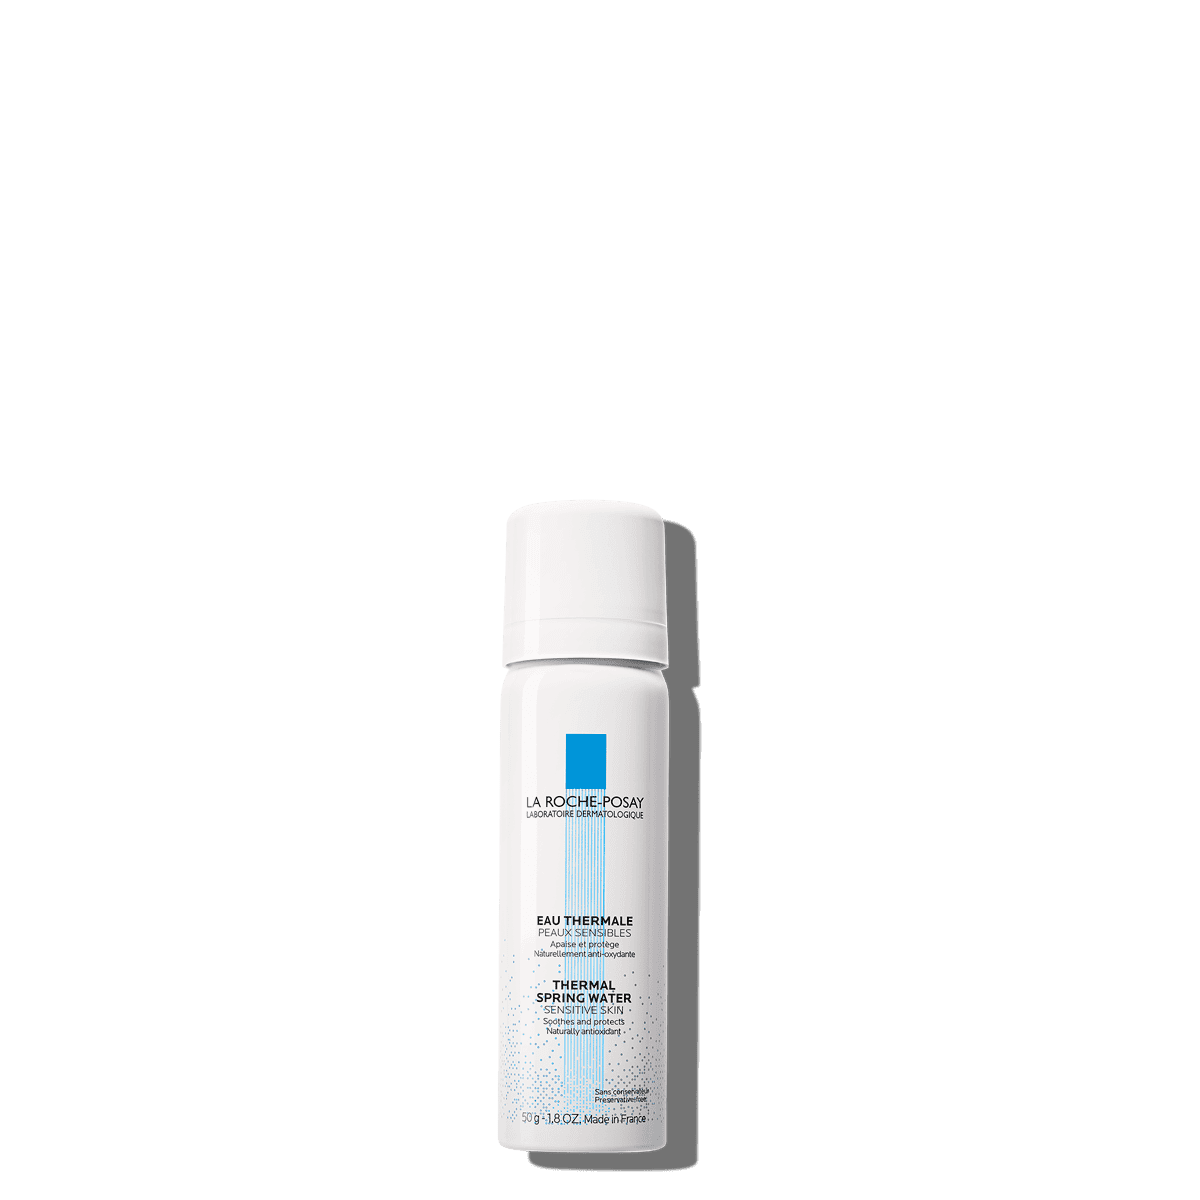 Woda termalna do twarzy WODA TERMALNA Z LA ROCHE-POSAY 50 ml Przód | La Roche Posay